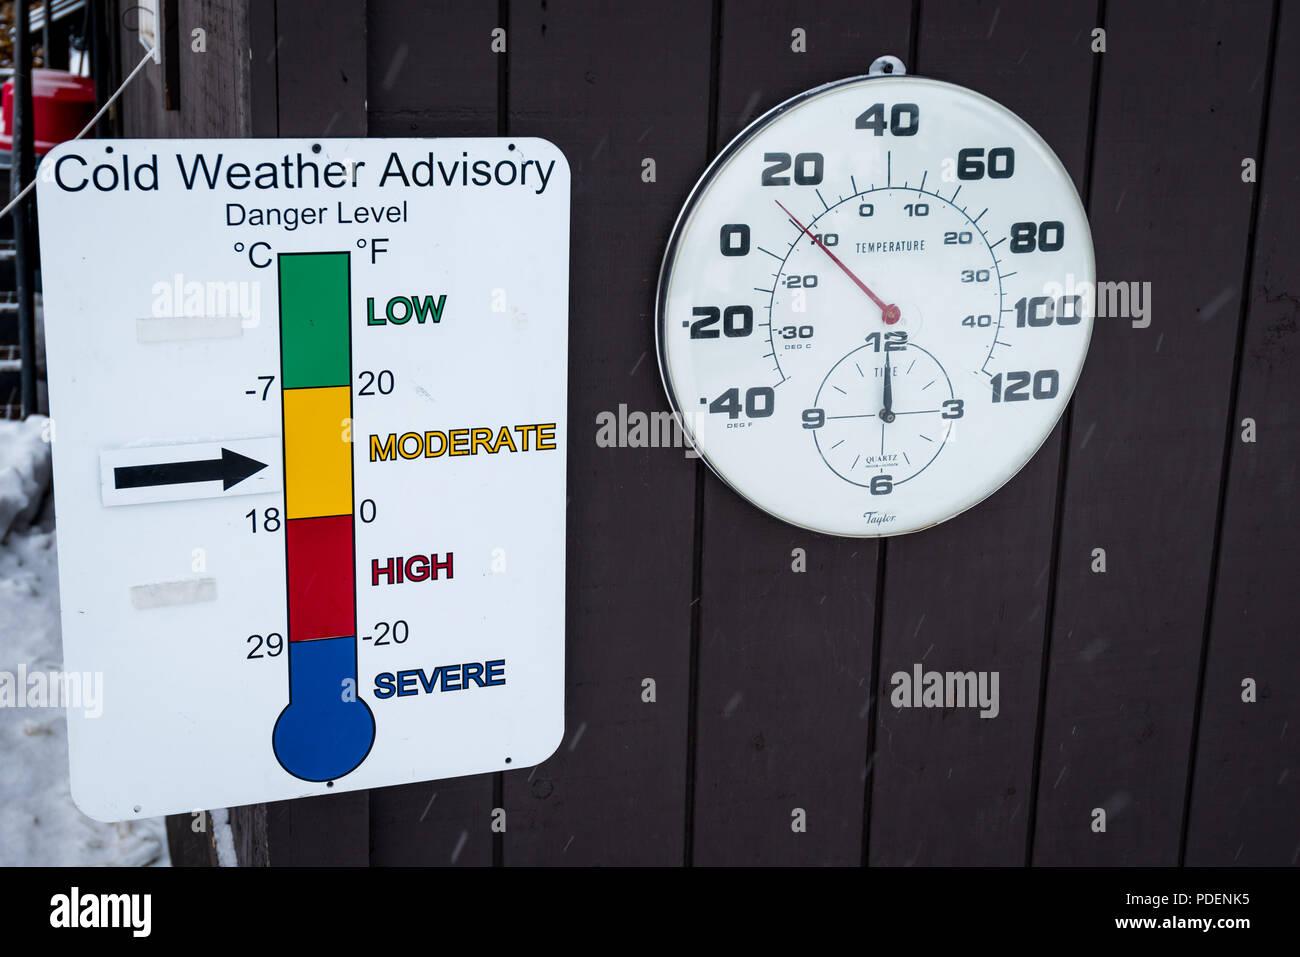 Thermometer an der Außenseite des Gebäudes in der Yellowstone National Park, USA mit einem kalten Wetter Beratenden unterzeichnen. Stockbild